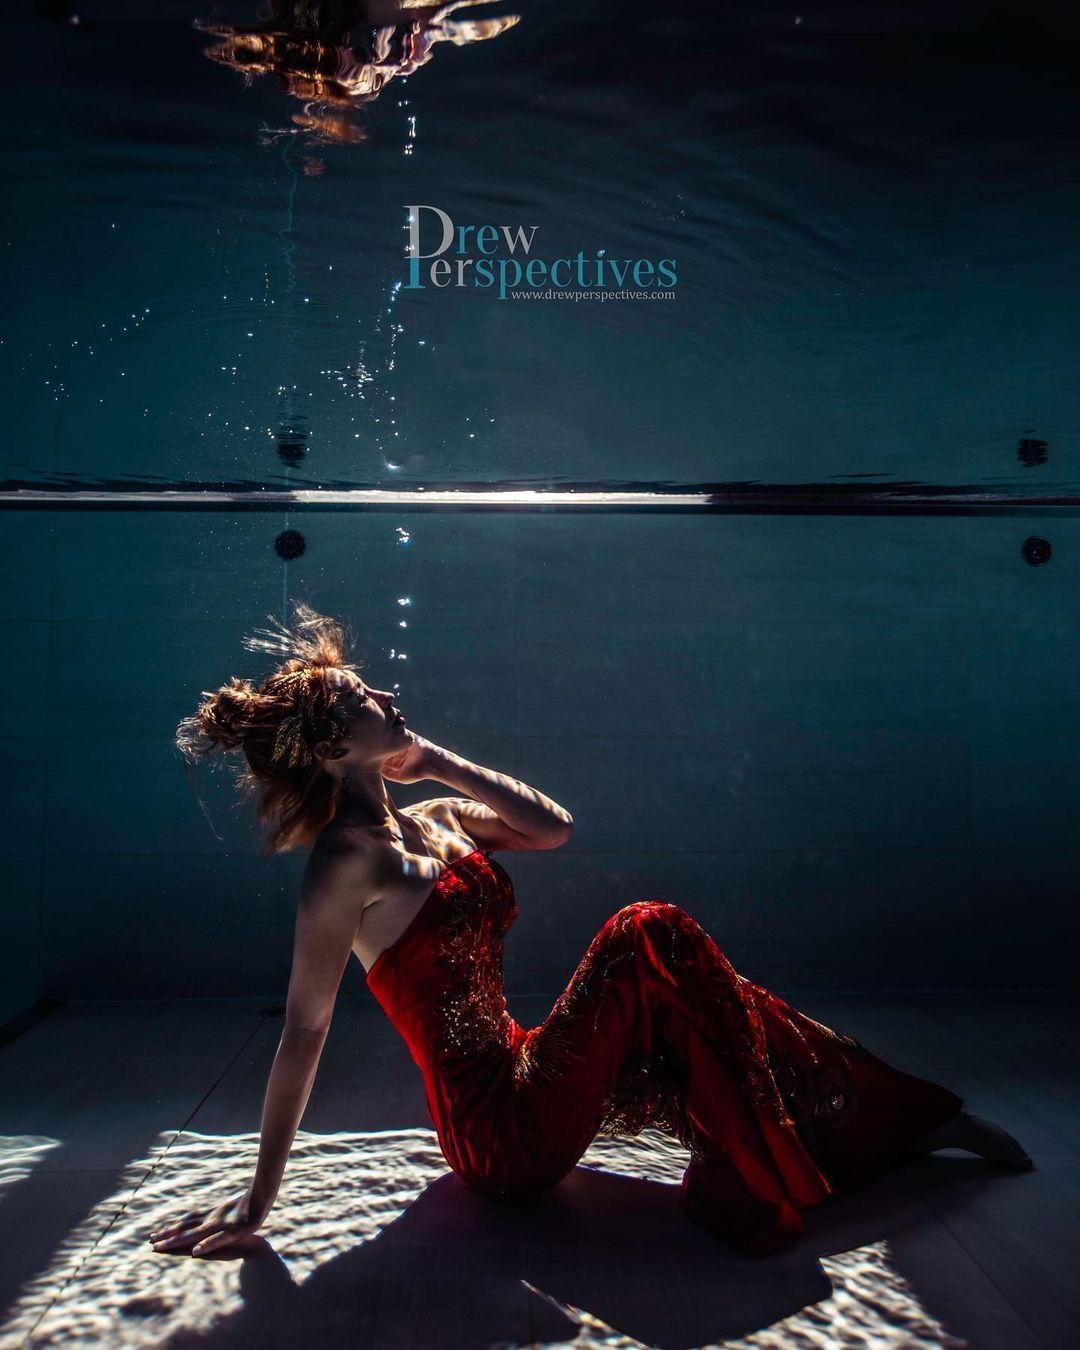 潜水教练「柔e」人鱼公主姿态好优雅,不是在水中就是在前往水中的路上-新图包